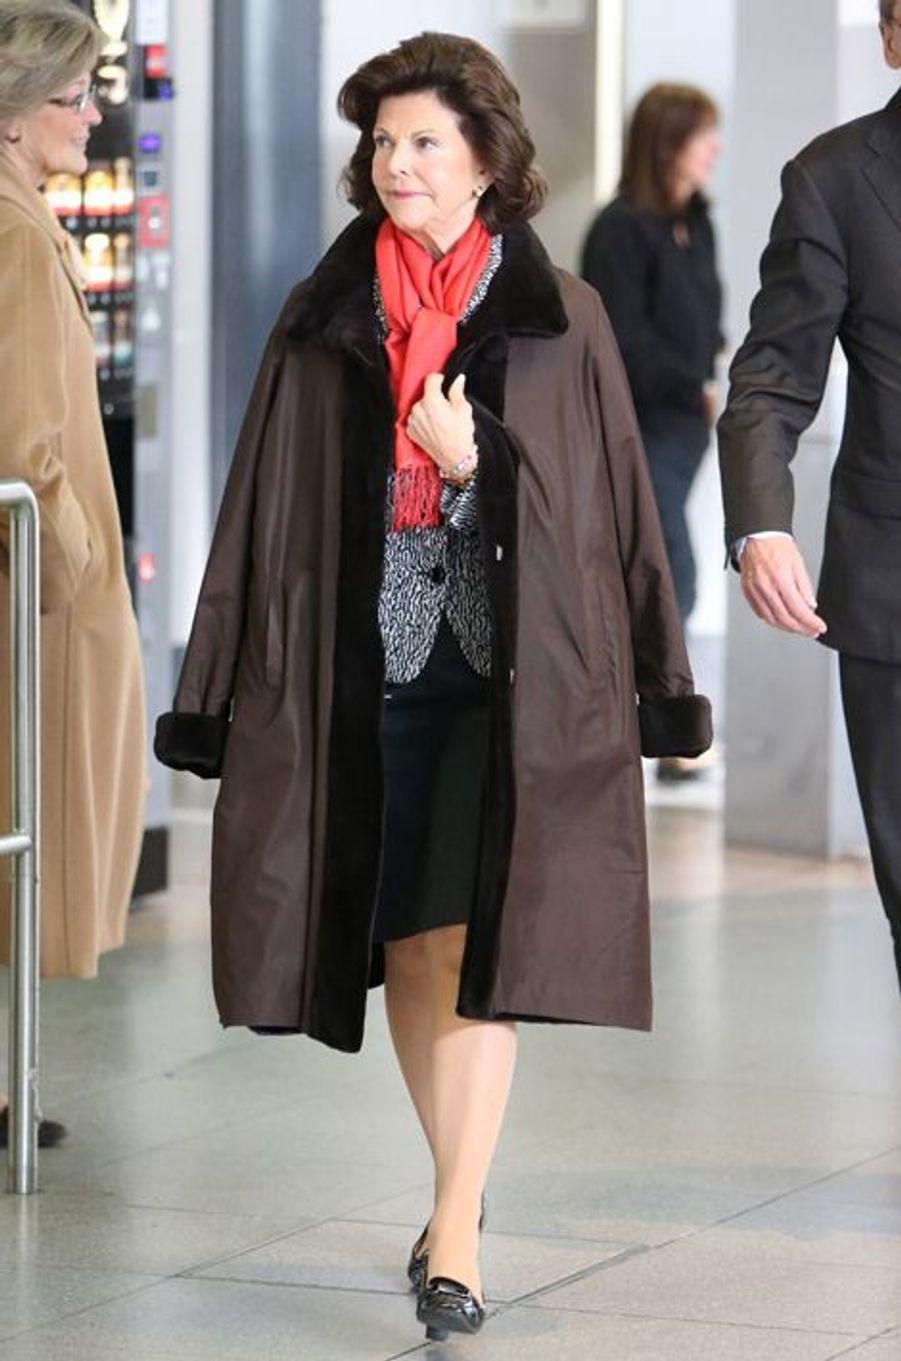 La reine Silvia de Suède arrive à Berlin, le 6 décembre 2014